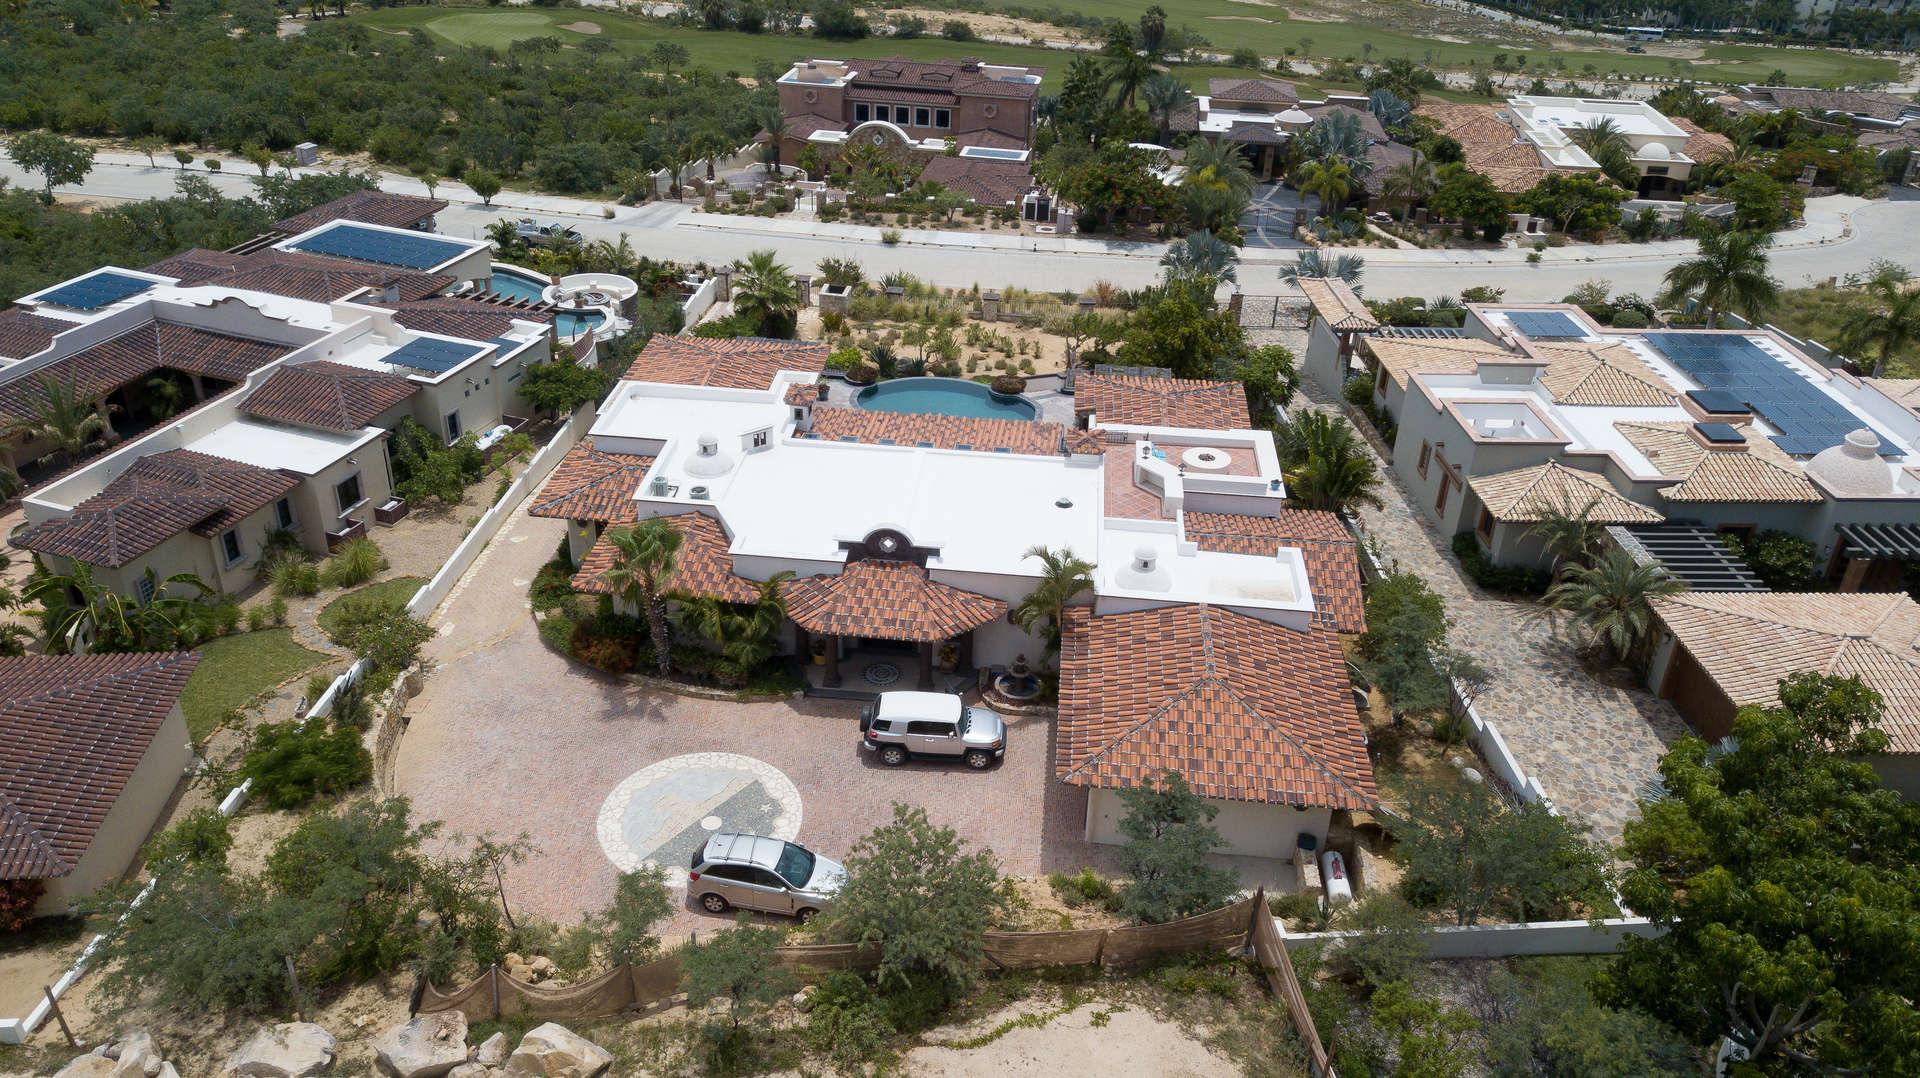 Luxury vacation rentals mexico - Los cabos - Puertoloscabos - Casa Mar y Estrella - Image 1/31